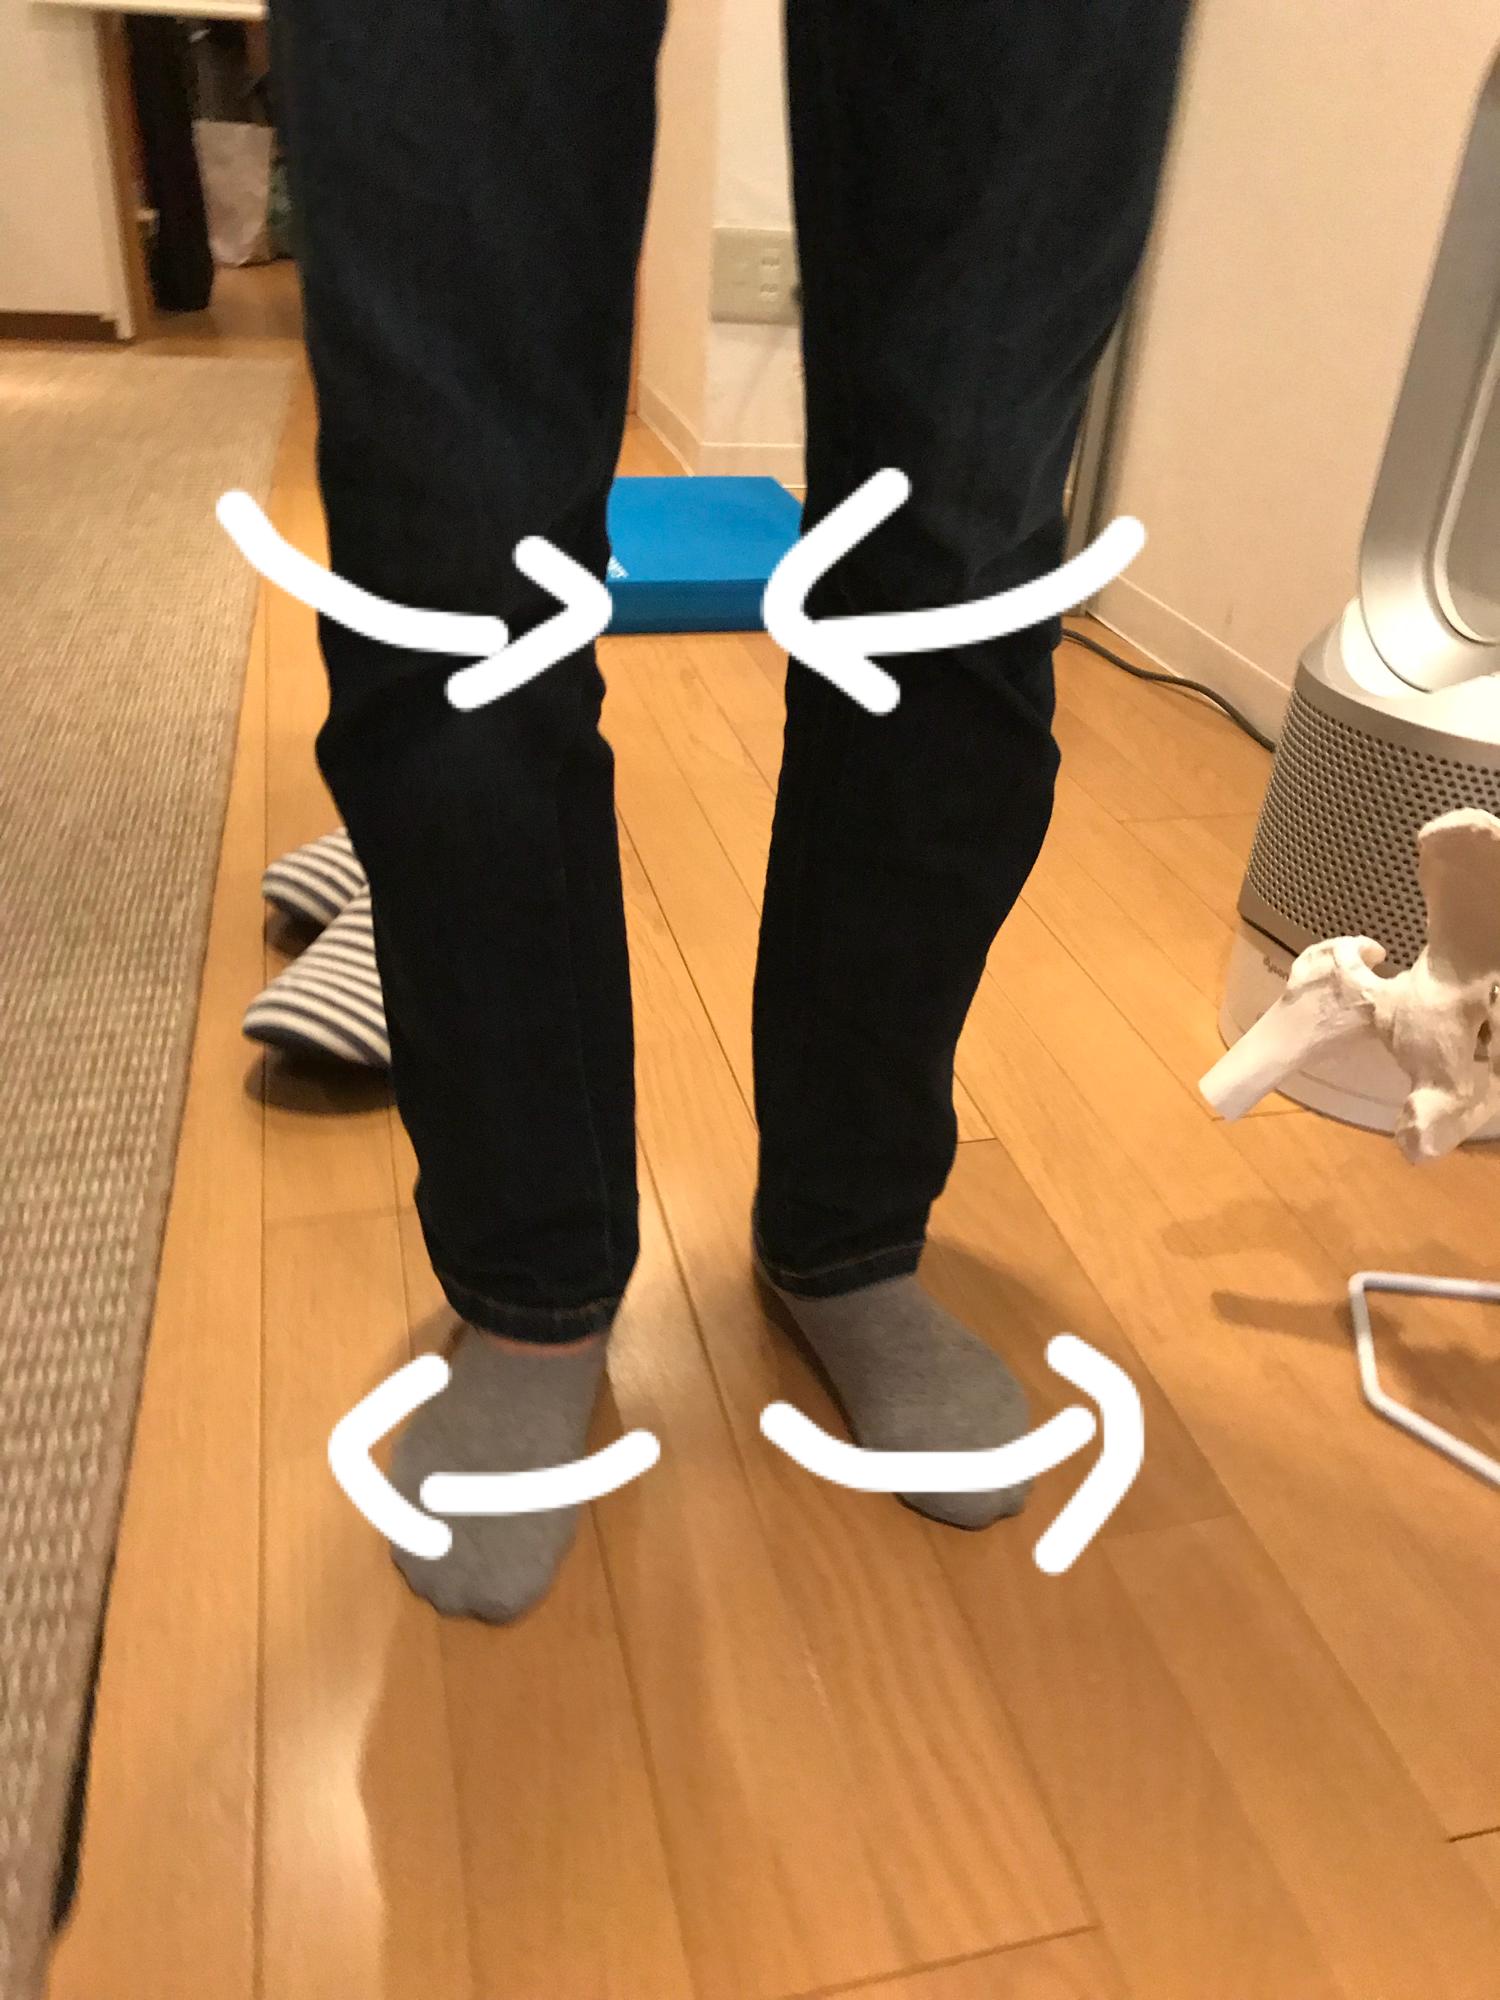 膝を曲げると(屈伸)膝の内側が痛い原因と対策とは?